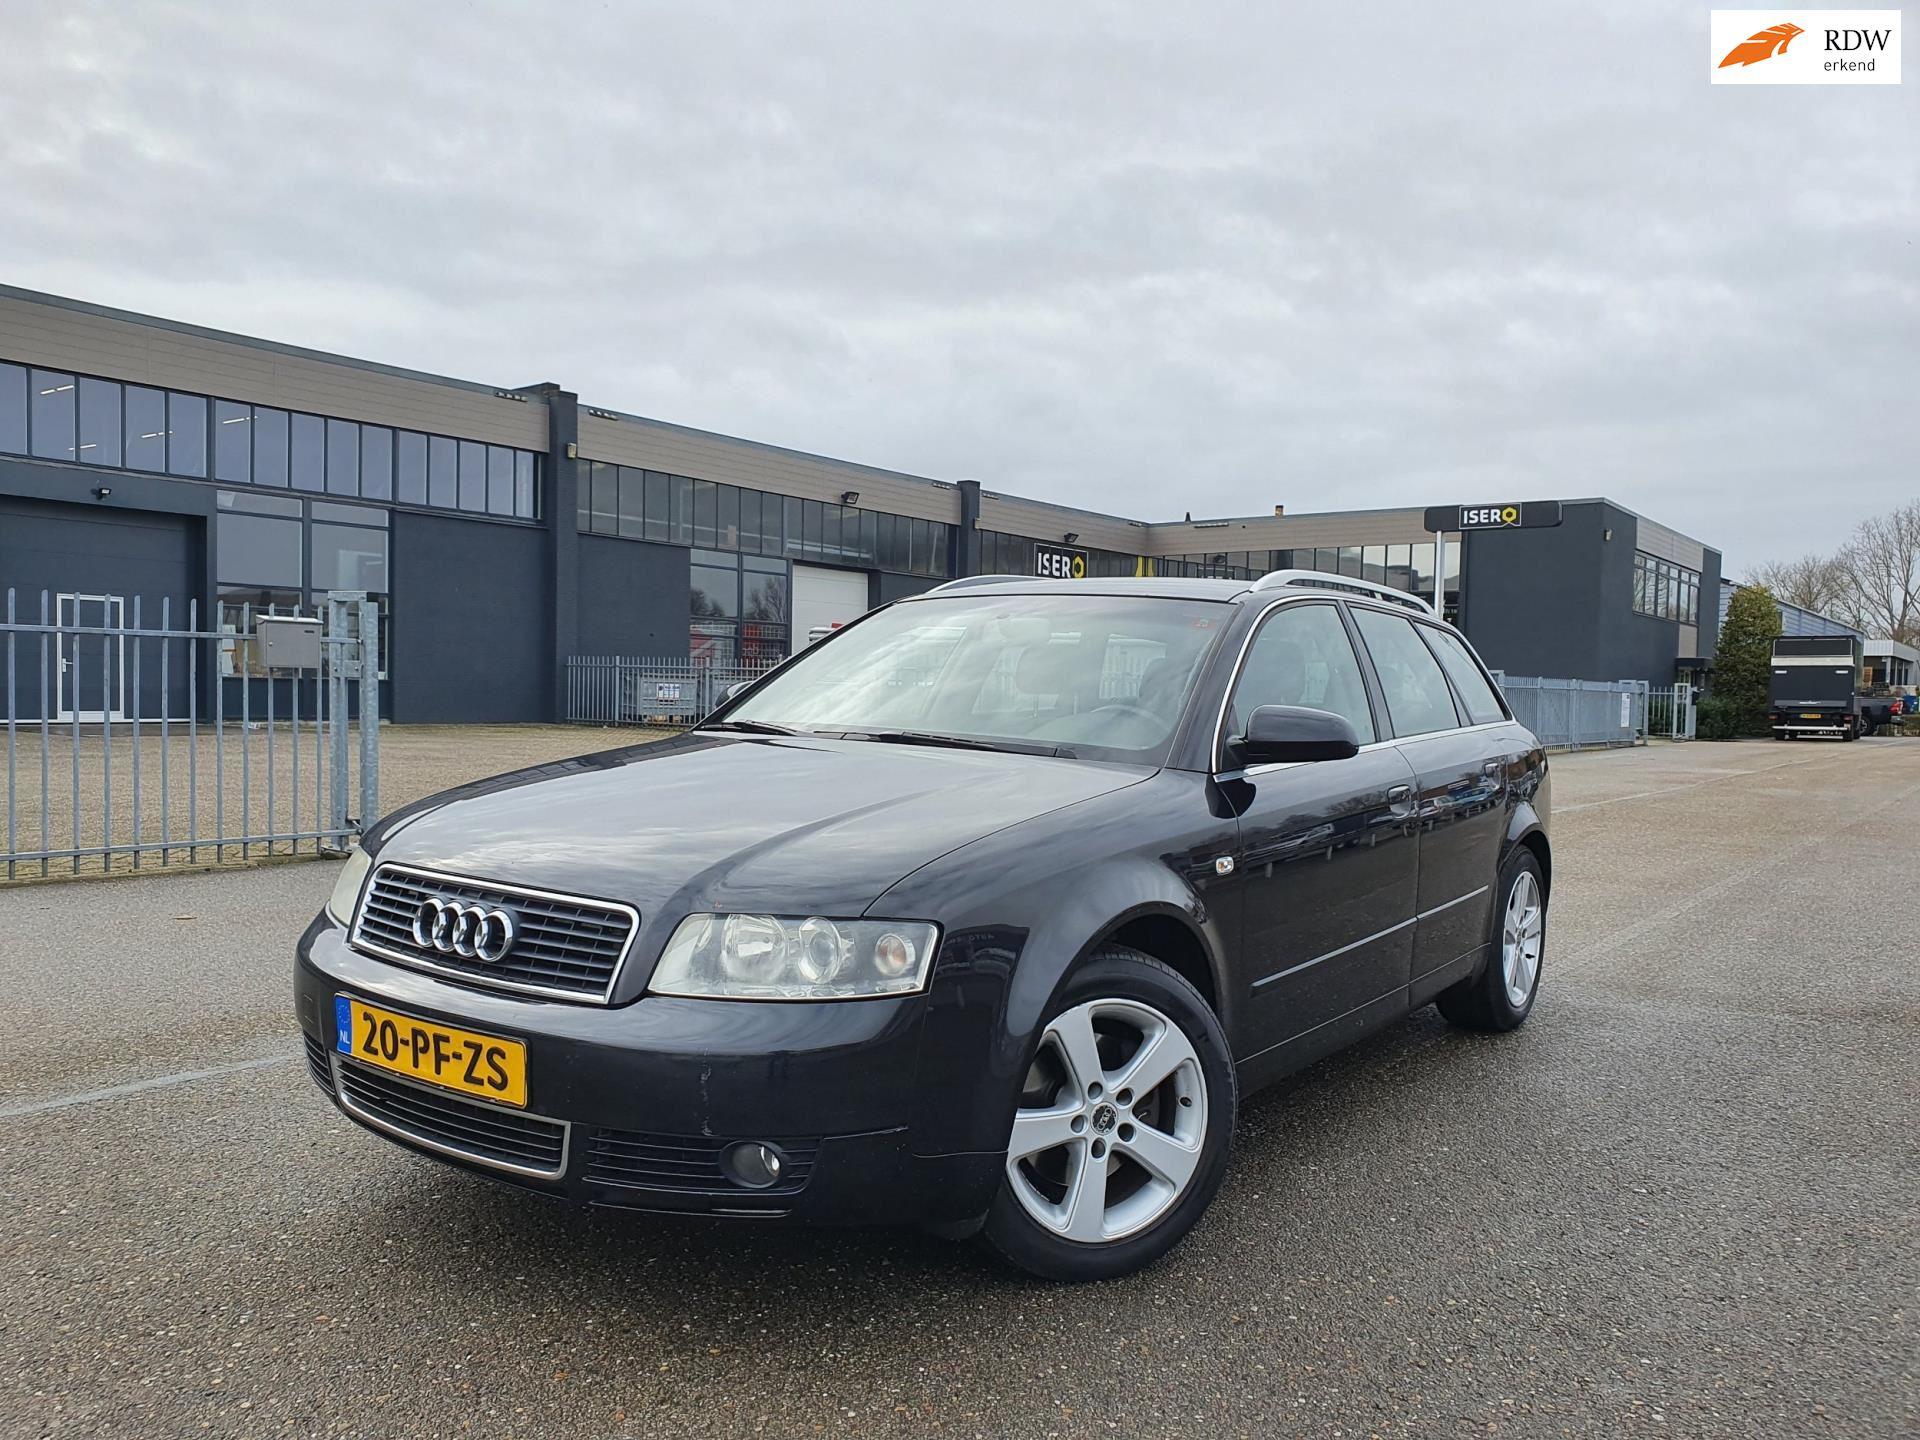 Audi A4 Avant occasion - Autohandel Direct